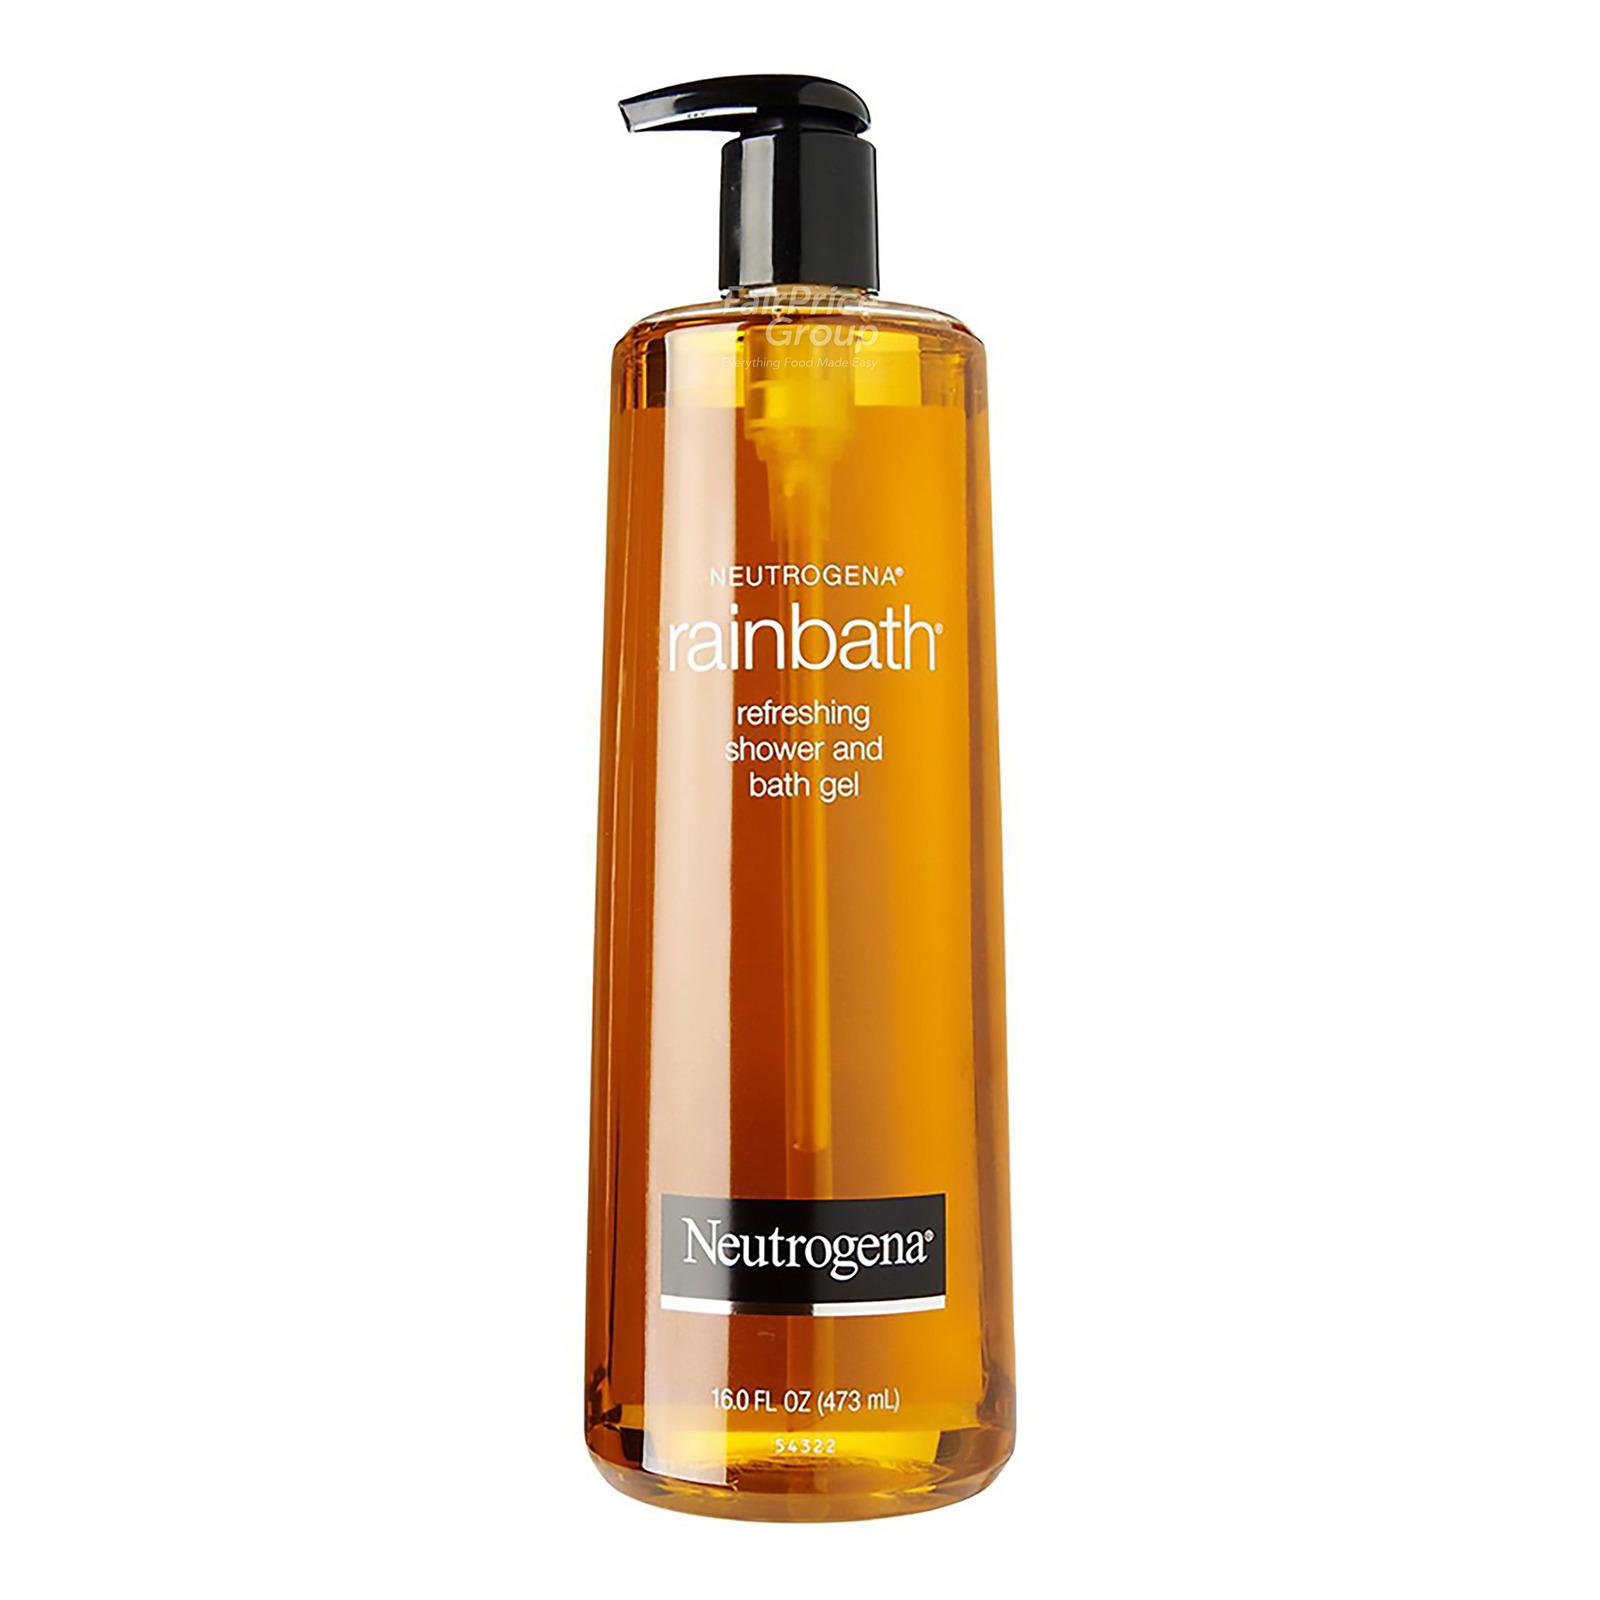 Neutrogena Rainbath Shower & Bath Gel - Refreshing